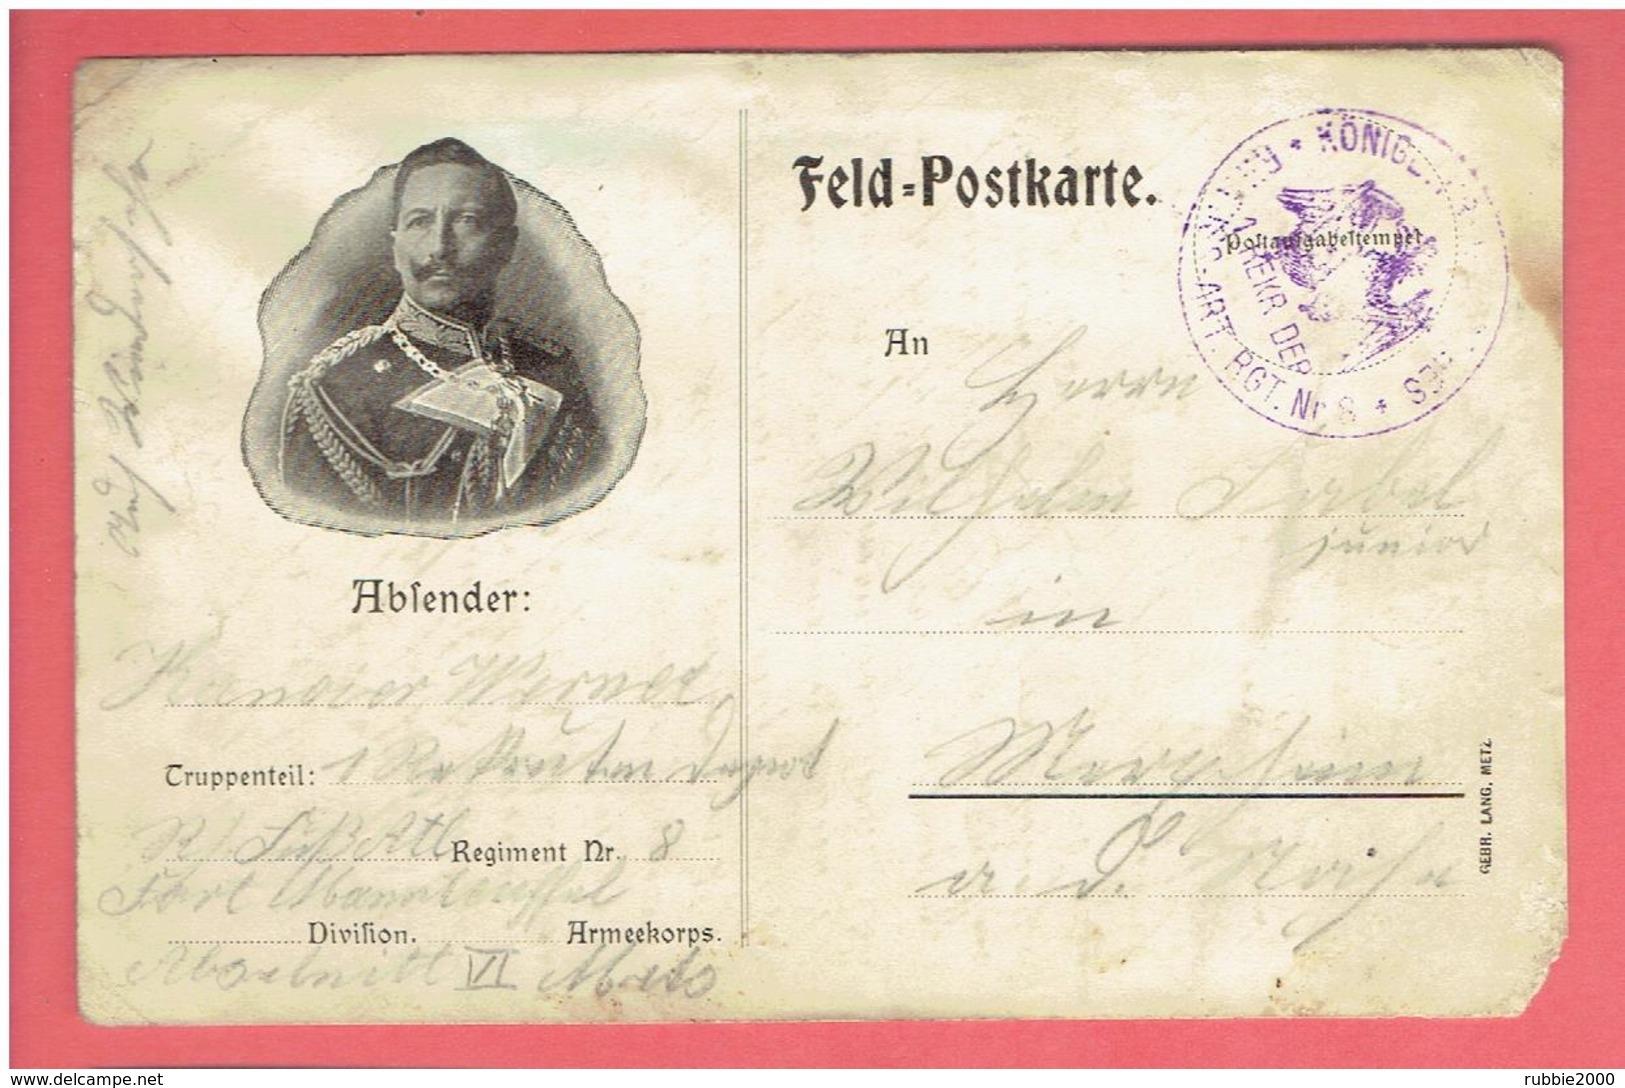 CARTE POSTALE MILITAIRE ALLEMANDE AVEC PORTRAIT DE L EMPEREUR GUILLAUME II DEUTSCHER KAISER WILHELM II WWI 1914 1918 - Guerre 1914-18